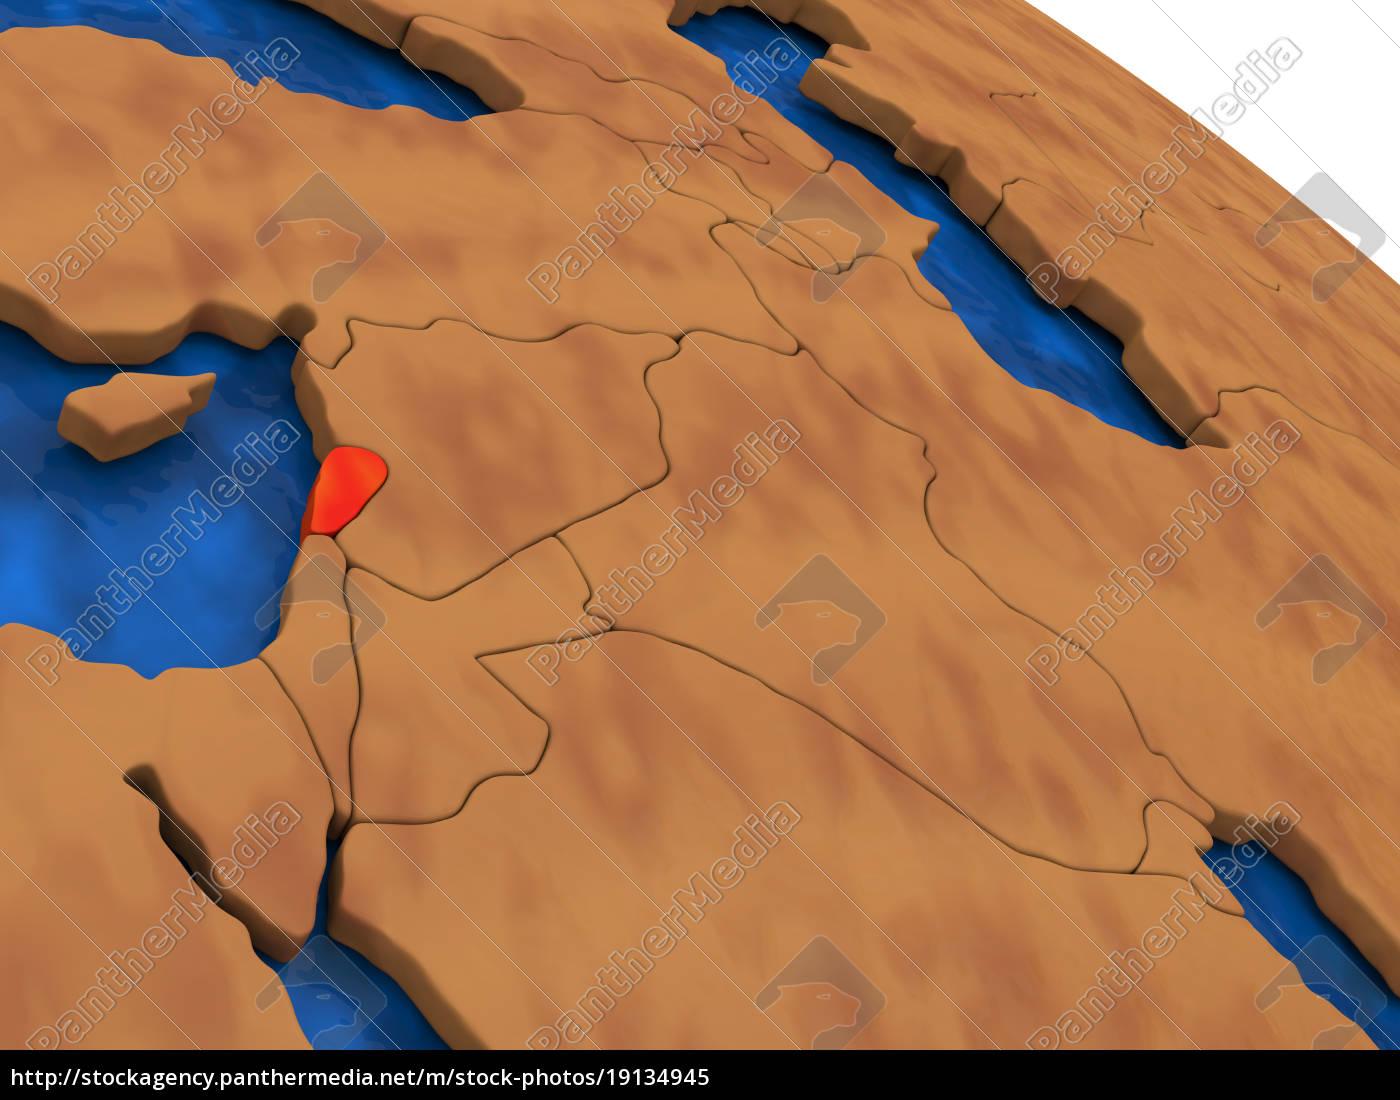 lebanon, on, wooden, globe - 19134945